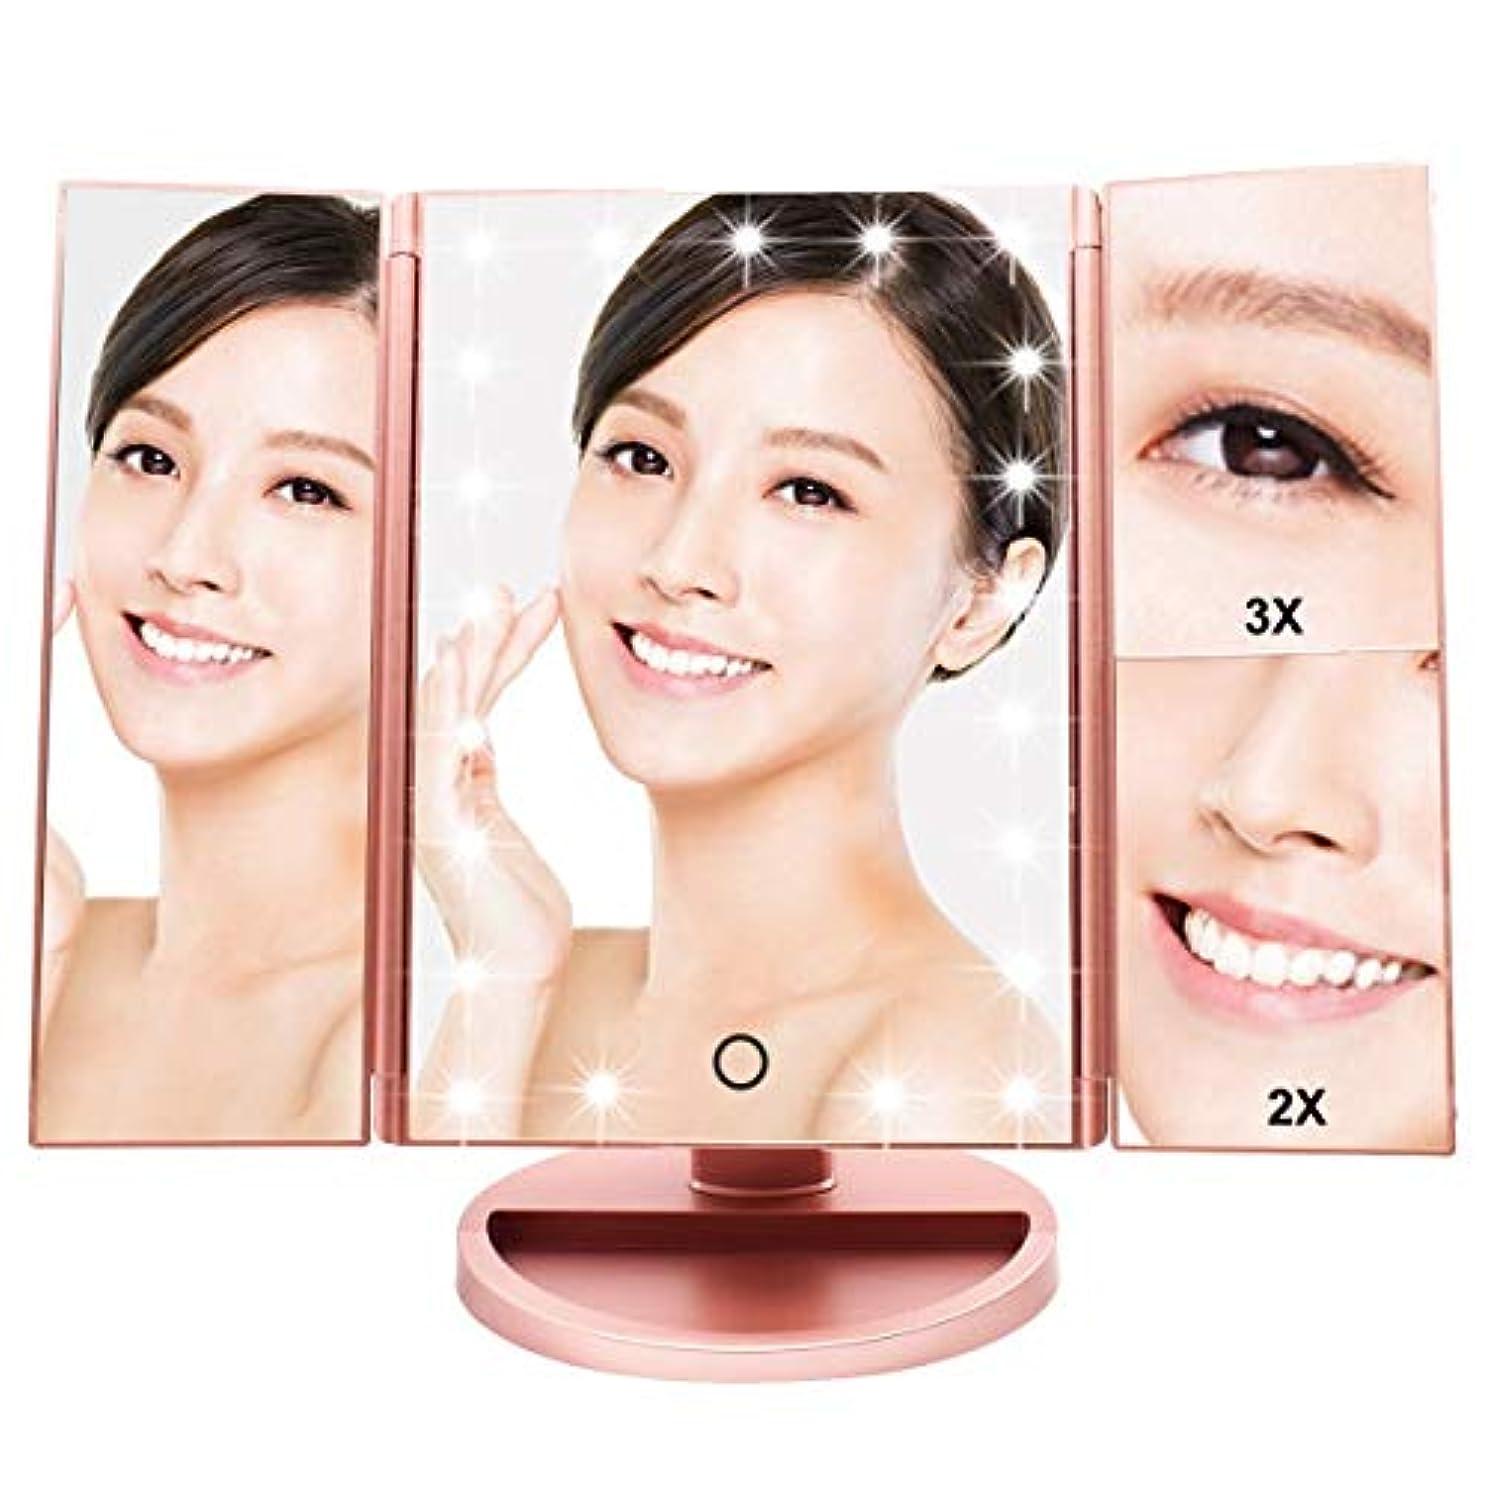 ダイエット貴重な実質的にWEILY LED化粧鏡 卓上鏡 三面鏡 折りたたみ式 2倍&3倍拡大 女優ミラー 180度回転 ライト鏡 明るさ•角度自由調整 収納便利 USB/電池交換可能 (ローズゴールド)